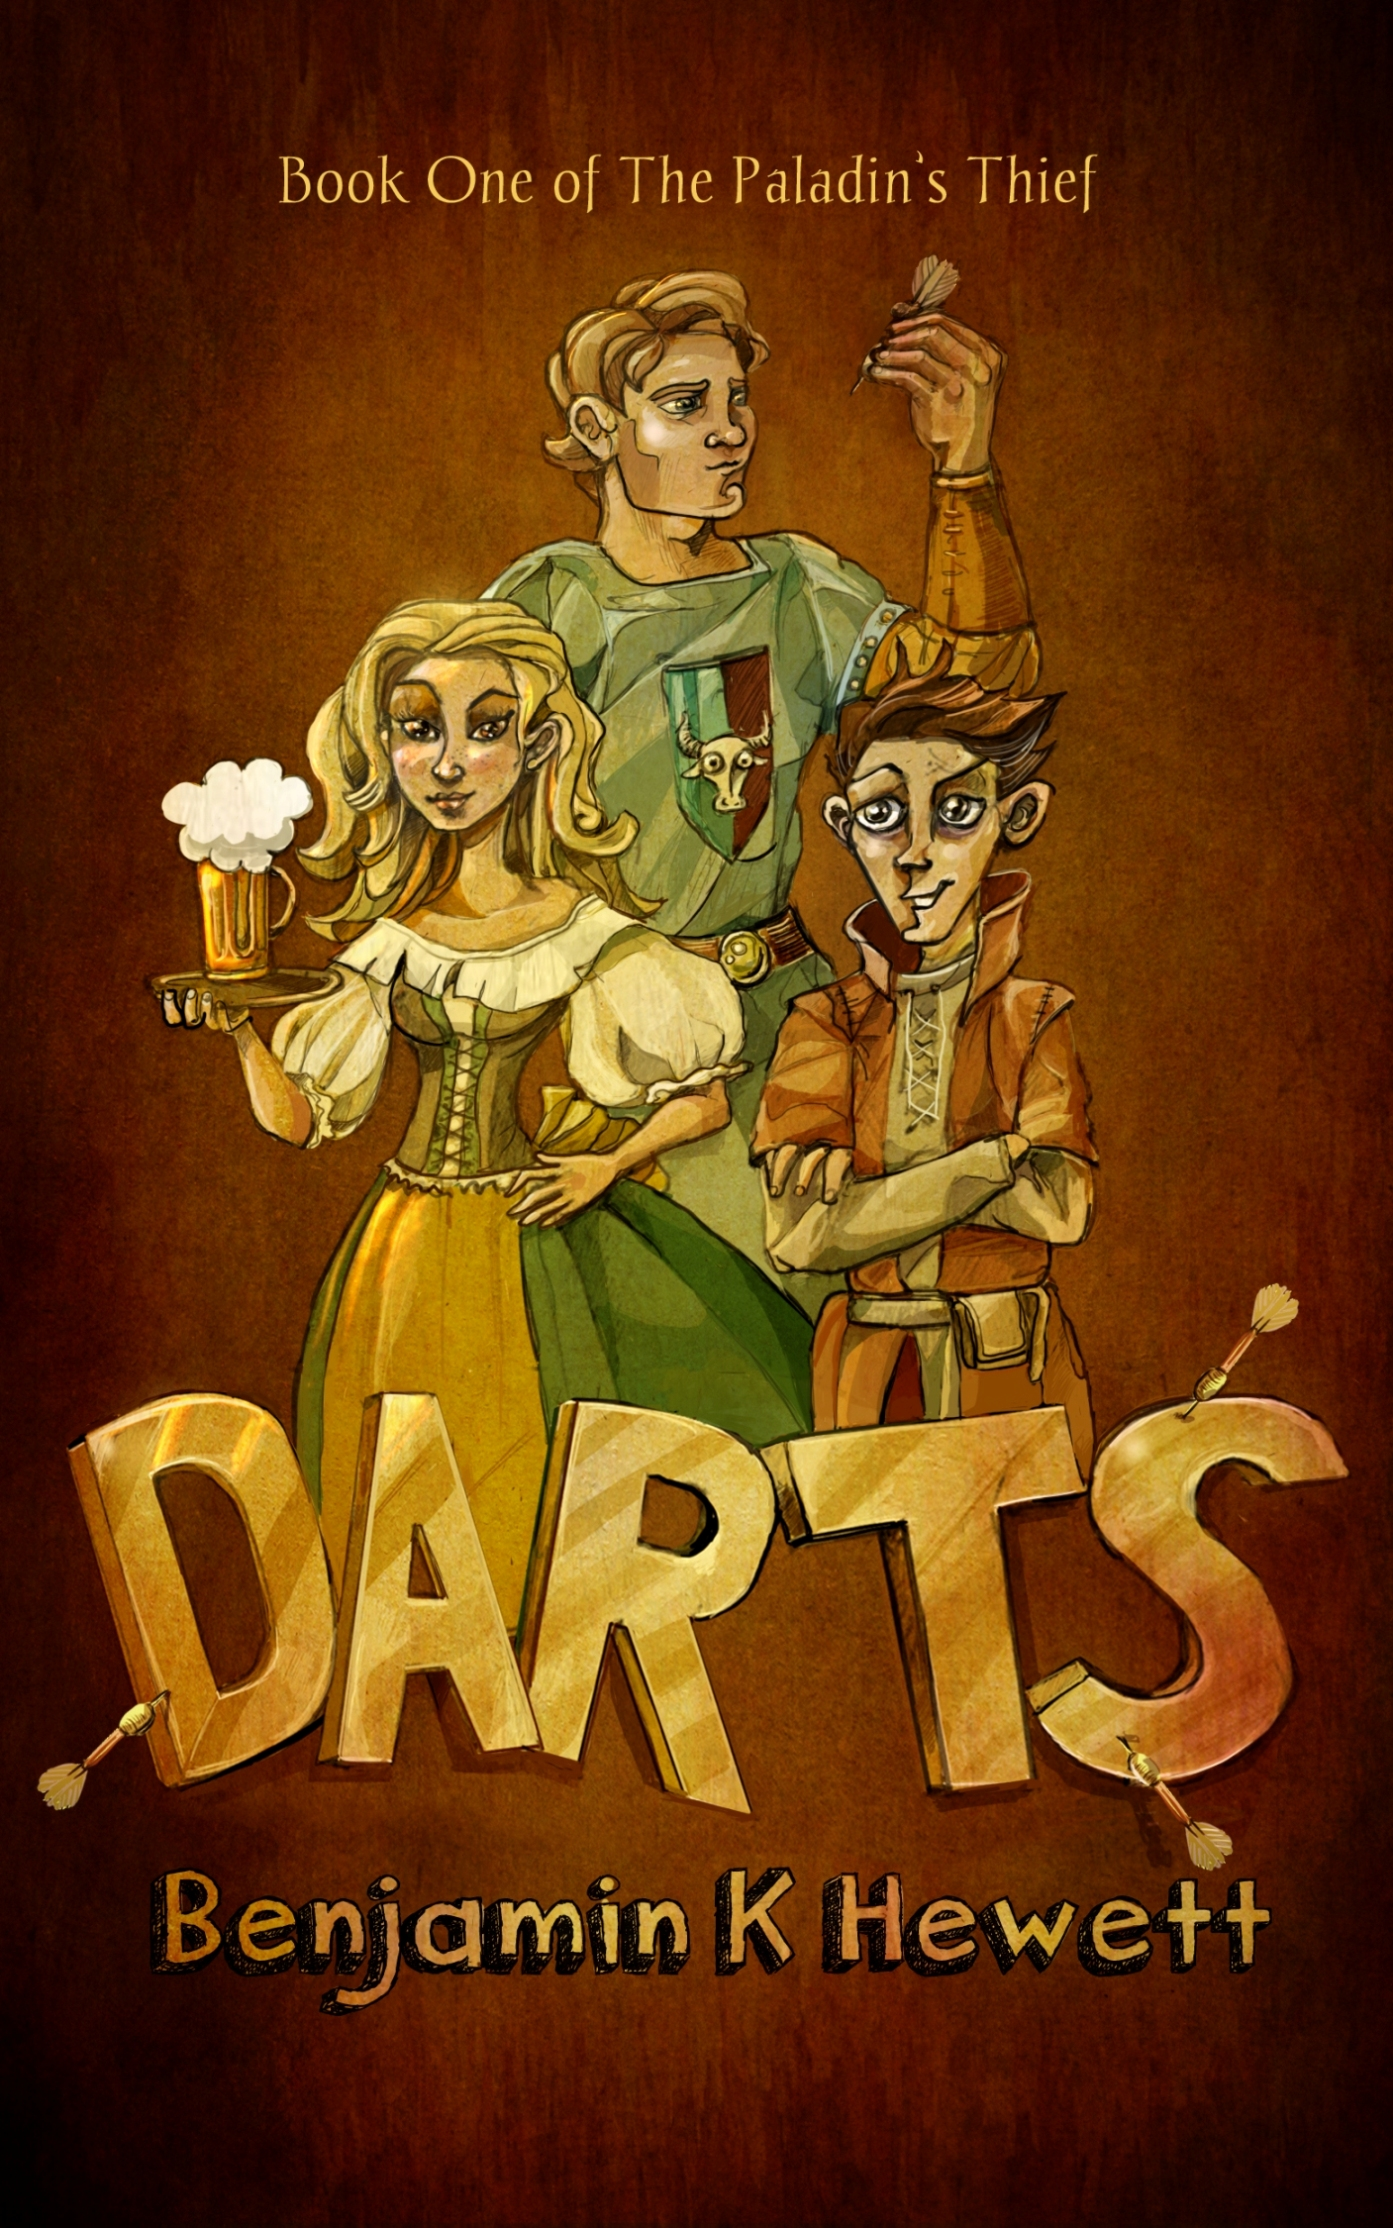 DARTS_Front_Cover (BarnesNoble).jpg